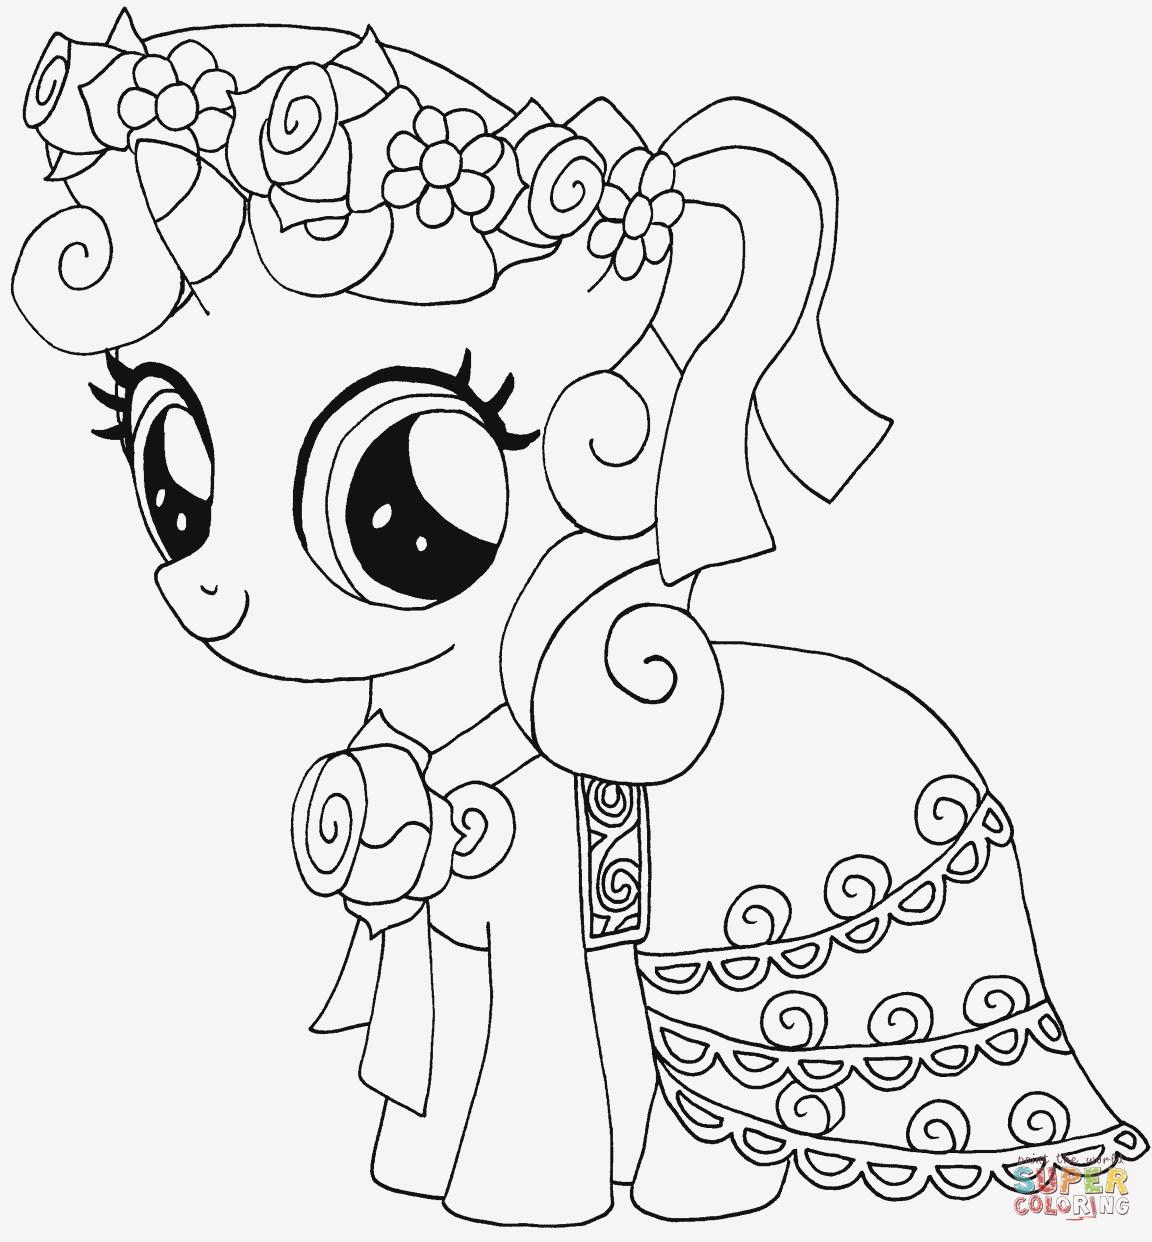 My Little Pony Ausmalbilder Kostenlos Das Beste Von Beispielbilder Färben My Little Pony Ausmalbilder Fotos